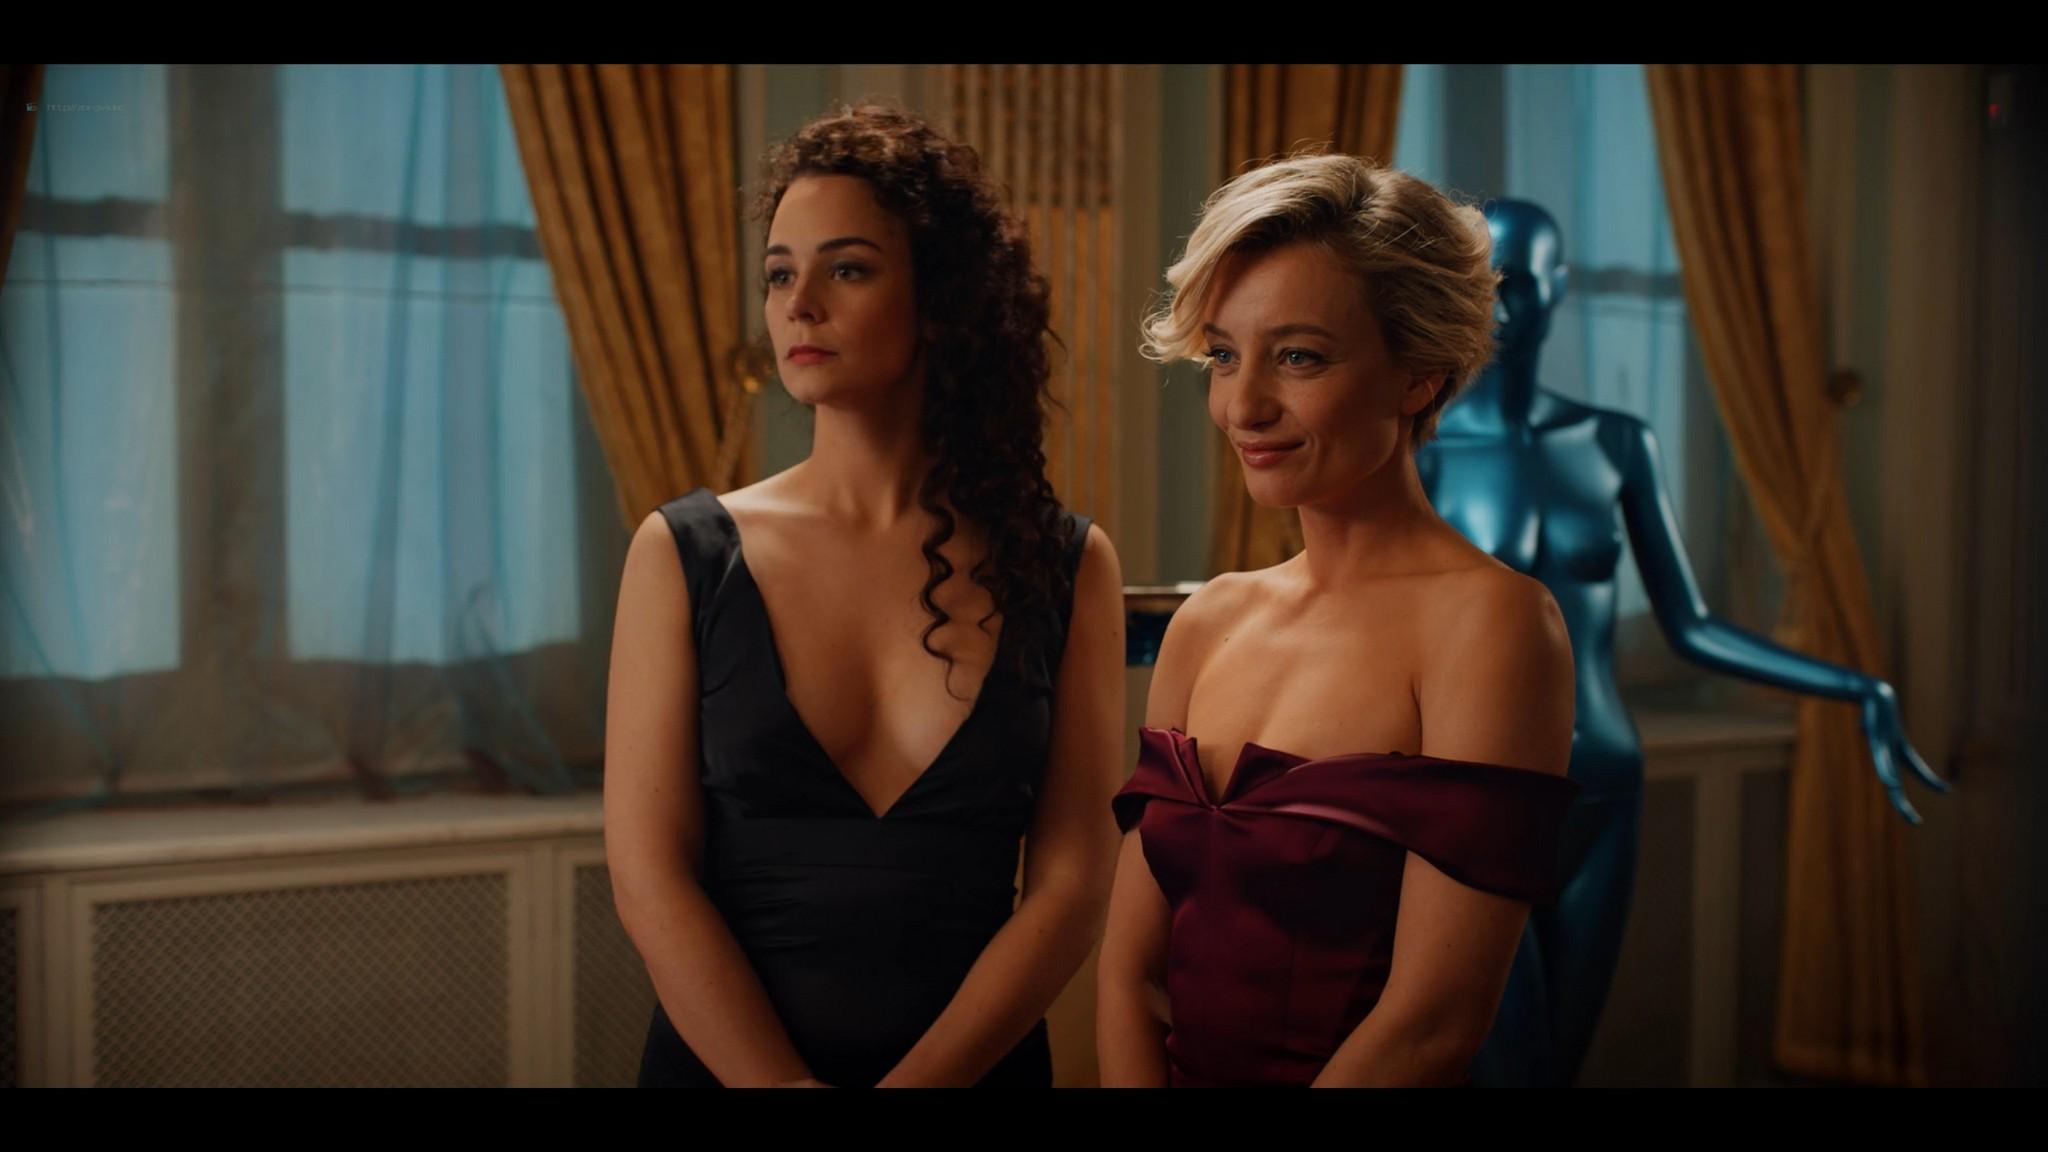 Anne-Laure Vandeputte nude topless Nienke van Hofslot nude sex etc - Women of the Night (2019) s1e7-10 HD 1080p (16)